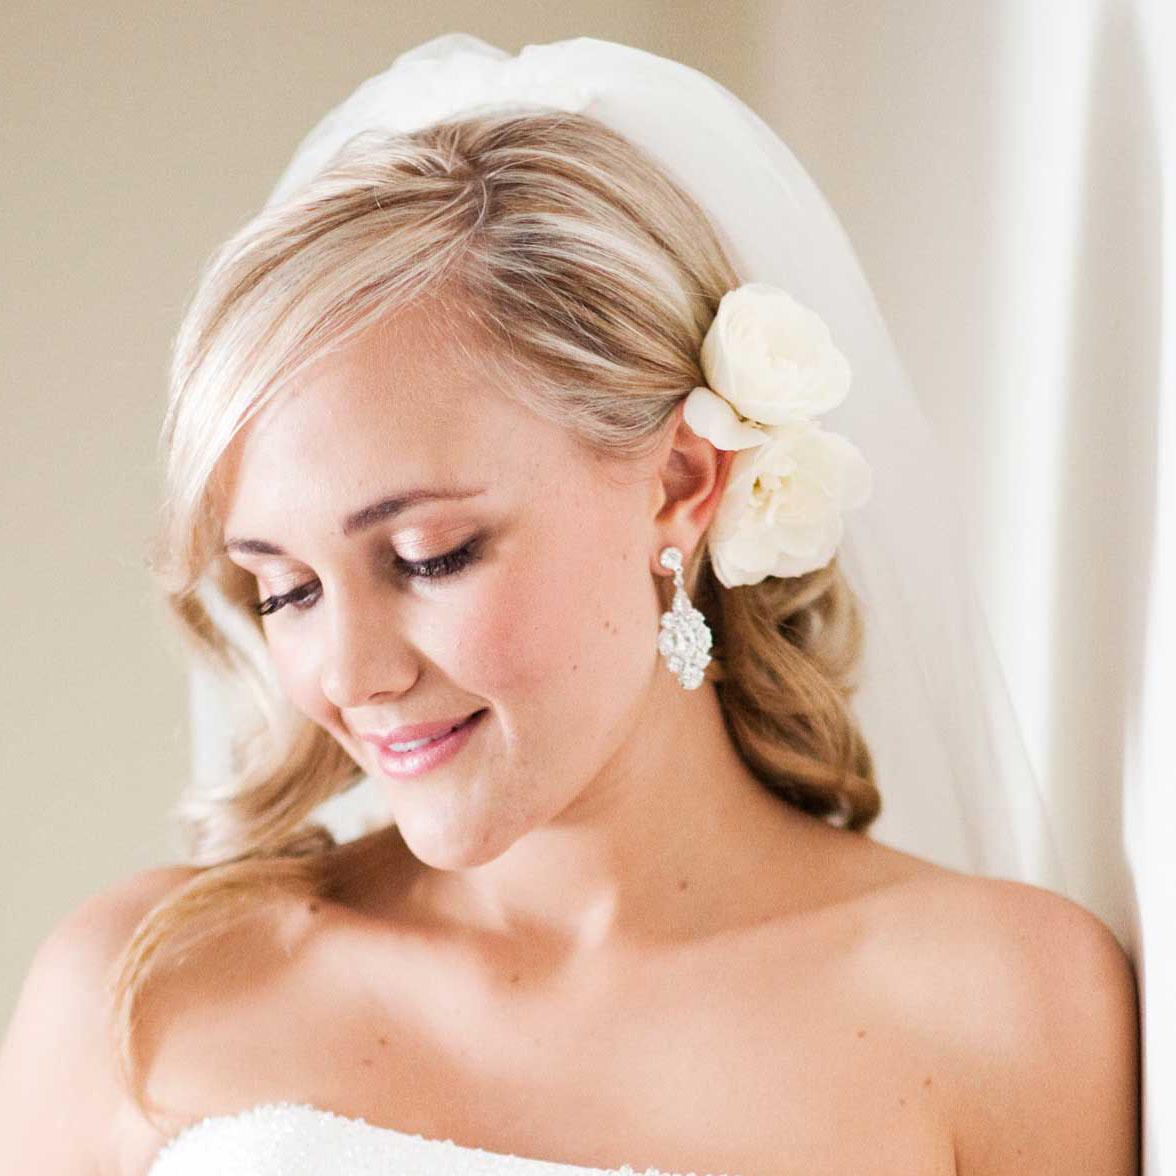 Awe Inspiring Hair Cuts Styles Wedding Hairstyles Choosing A Hairstyle Short Hairstyles For Black Women Fulllsitofus